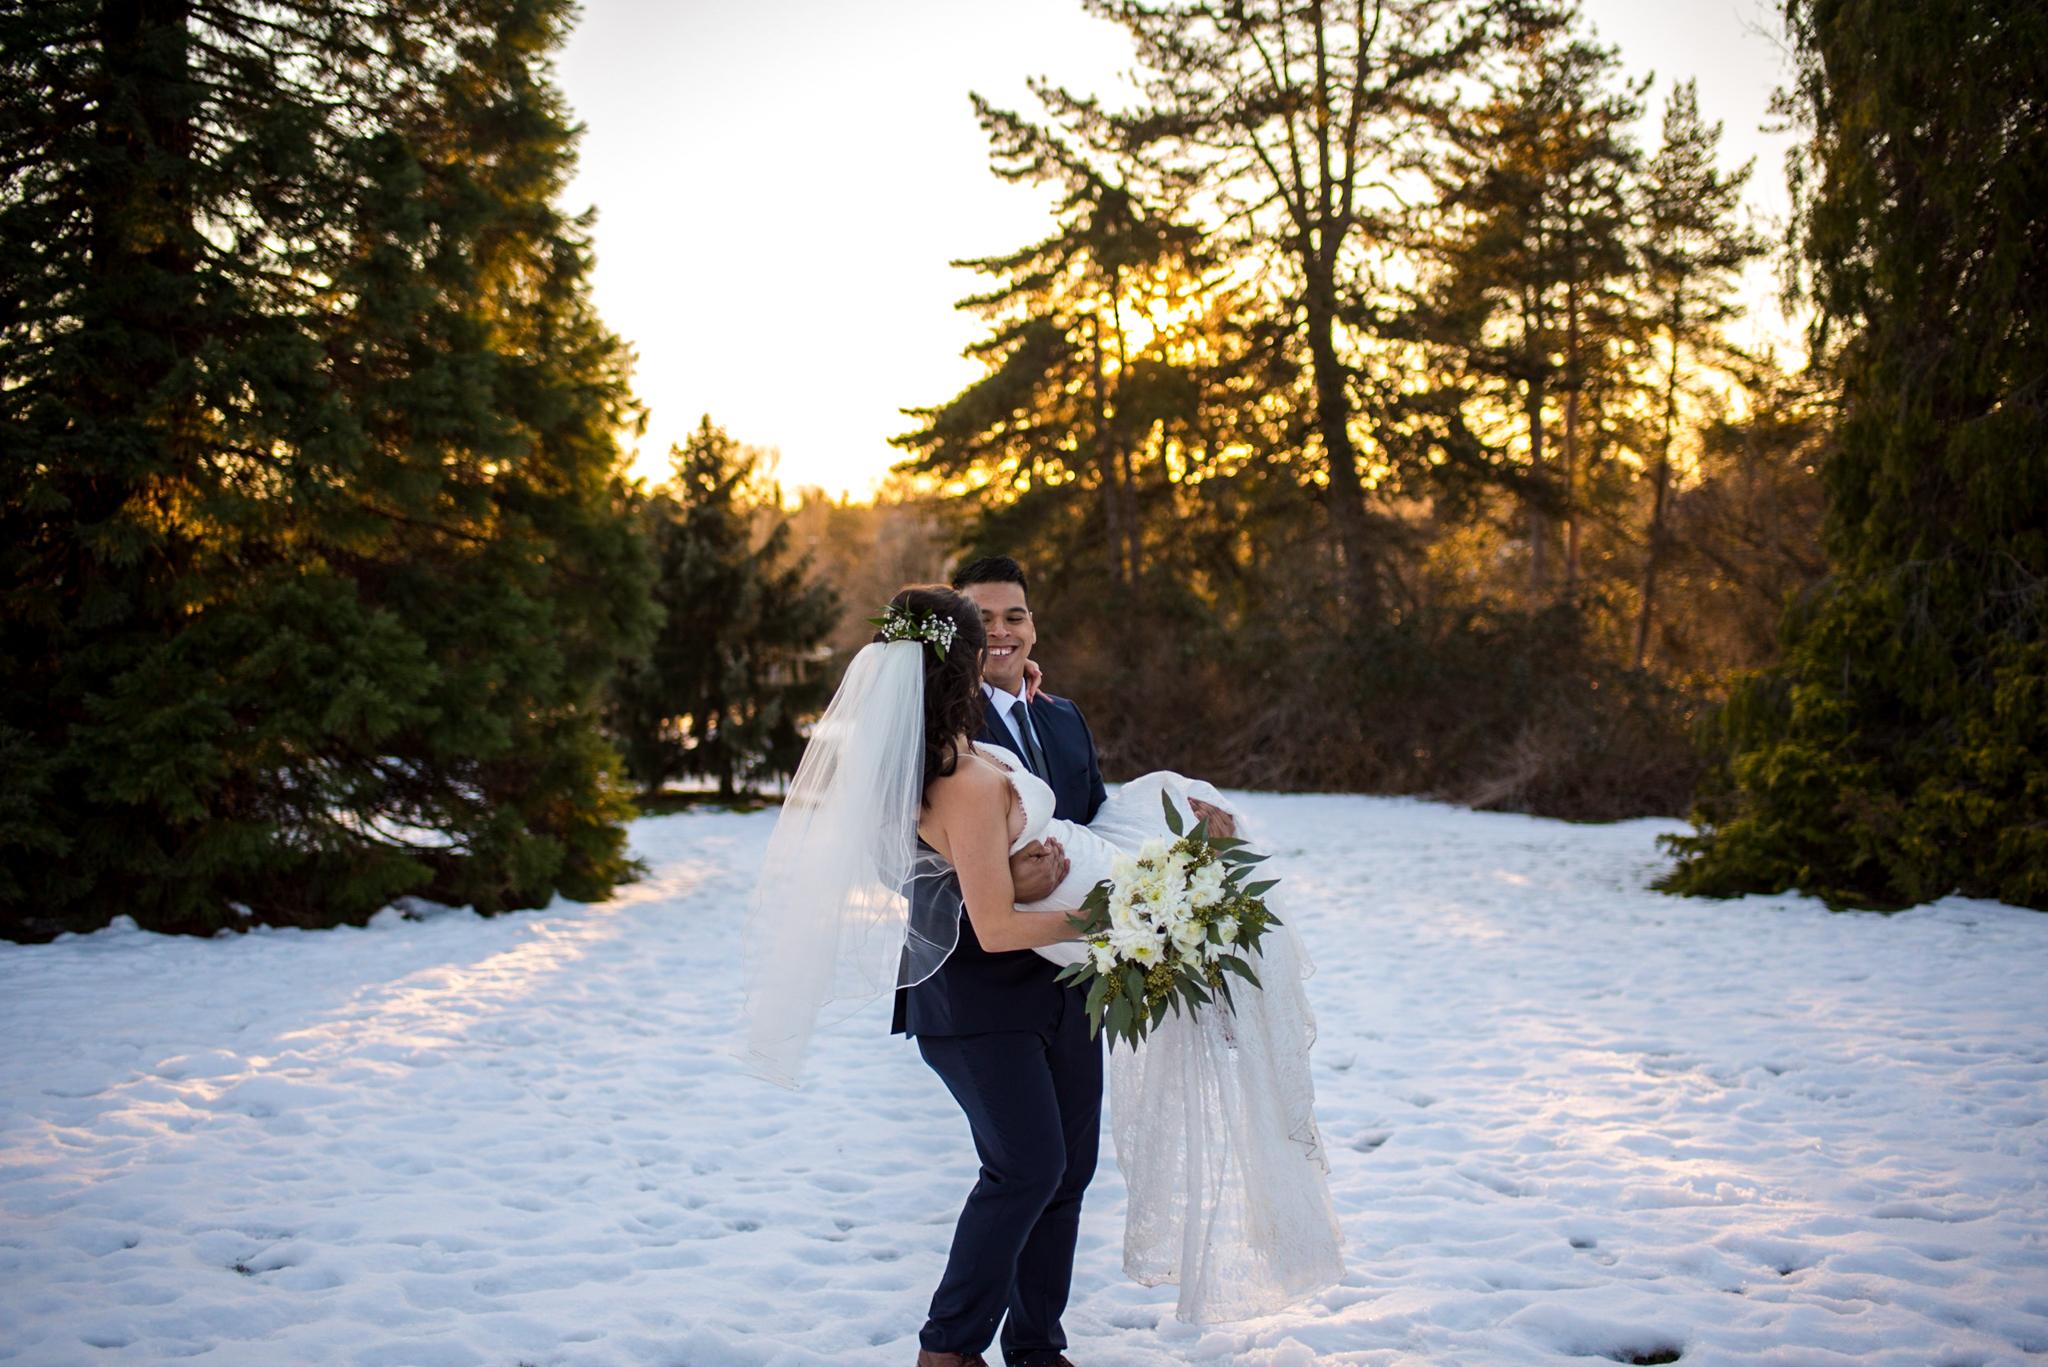 Queen Elizabeth Park Wedding Photographer-30.JPG